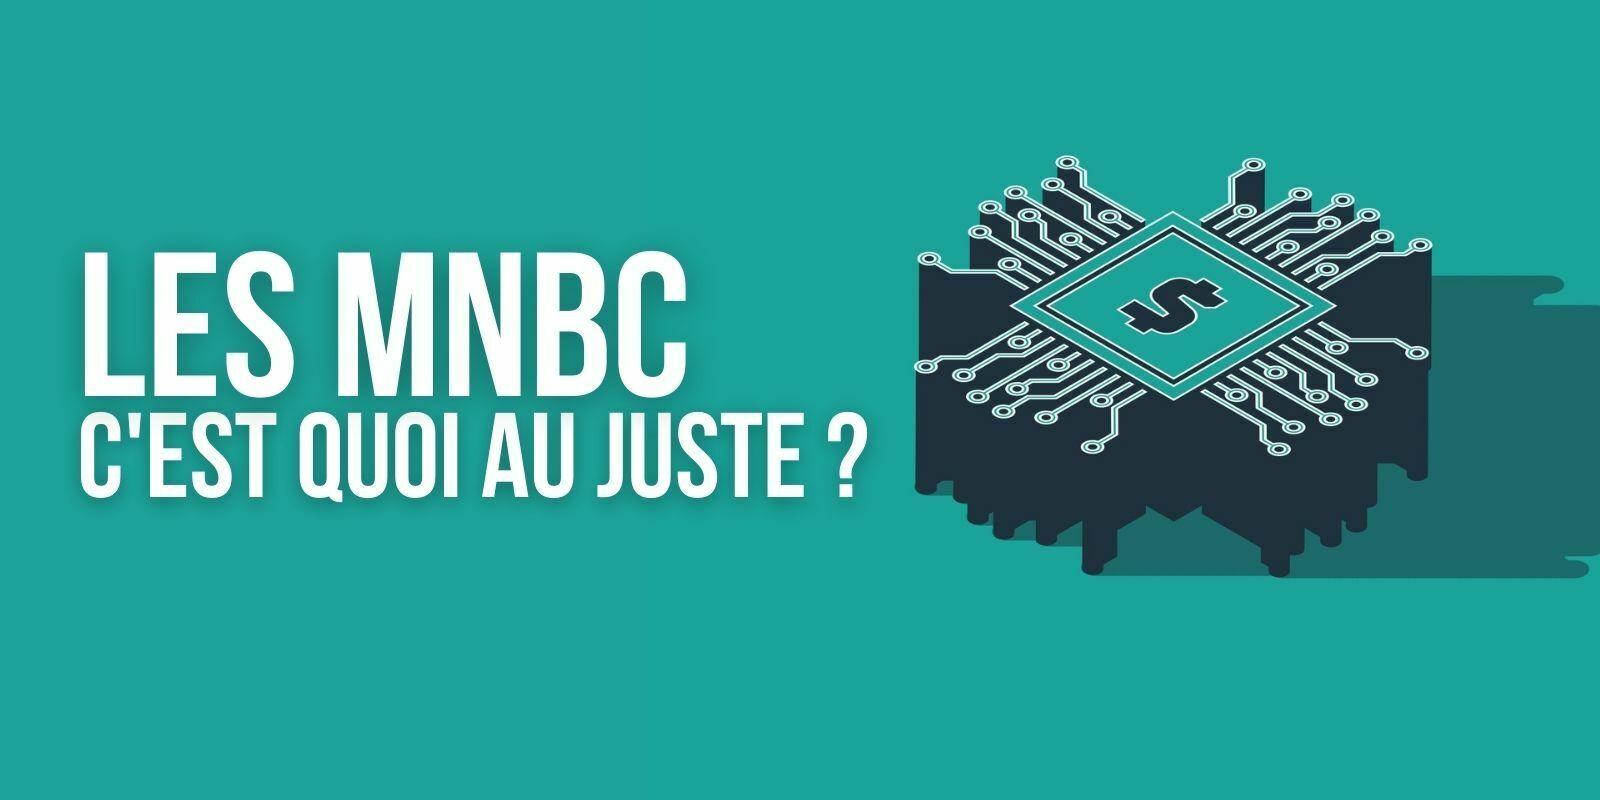 Monnaies numériques de banque centrale (MNBC) – C'est quoi et comment fonctionnent-elles?